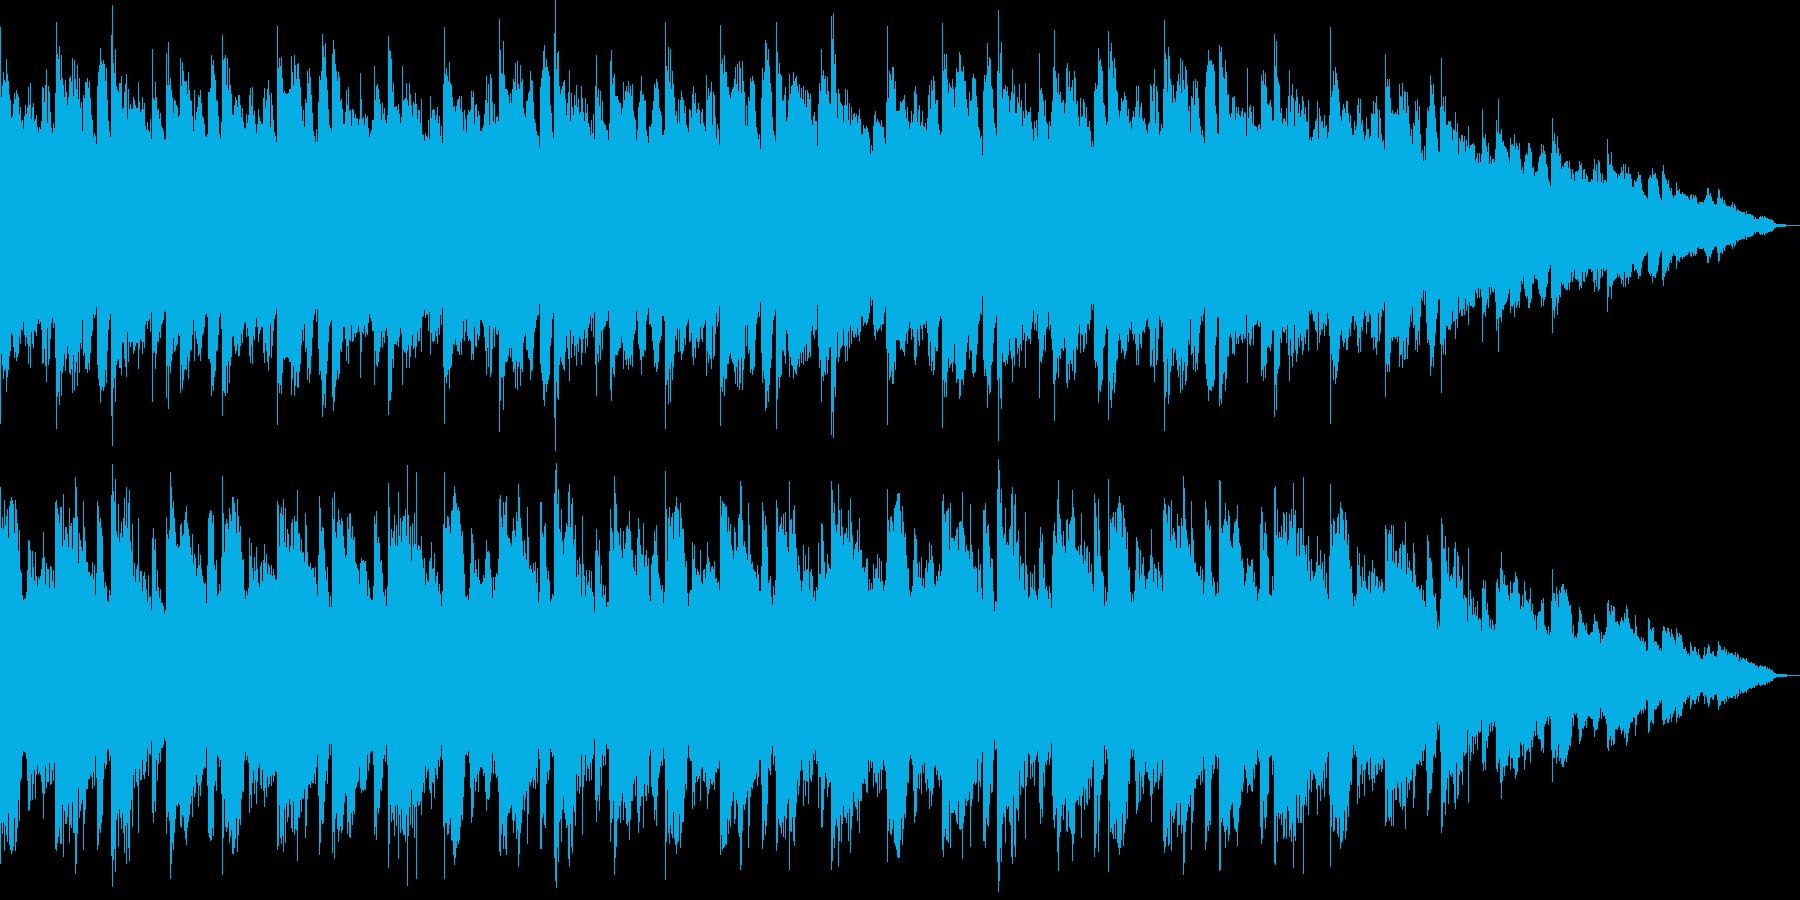 アコギを使った、ゆったりしたバラードの再生済みの波形